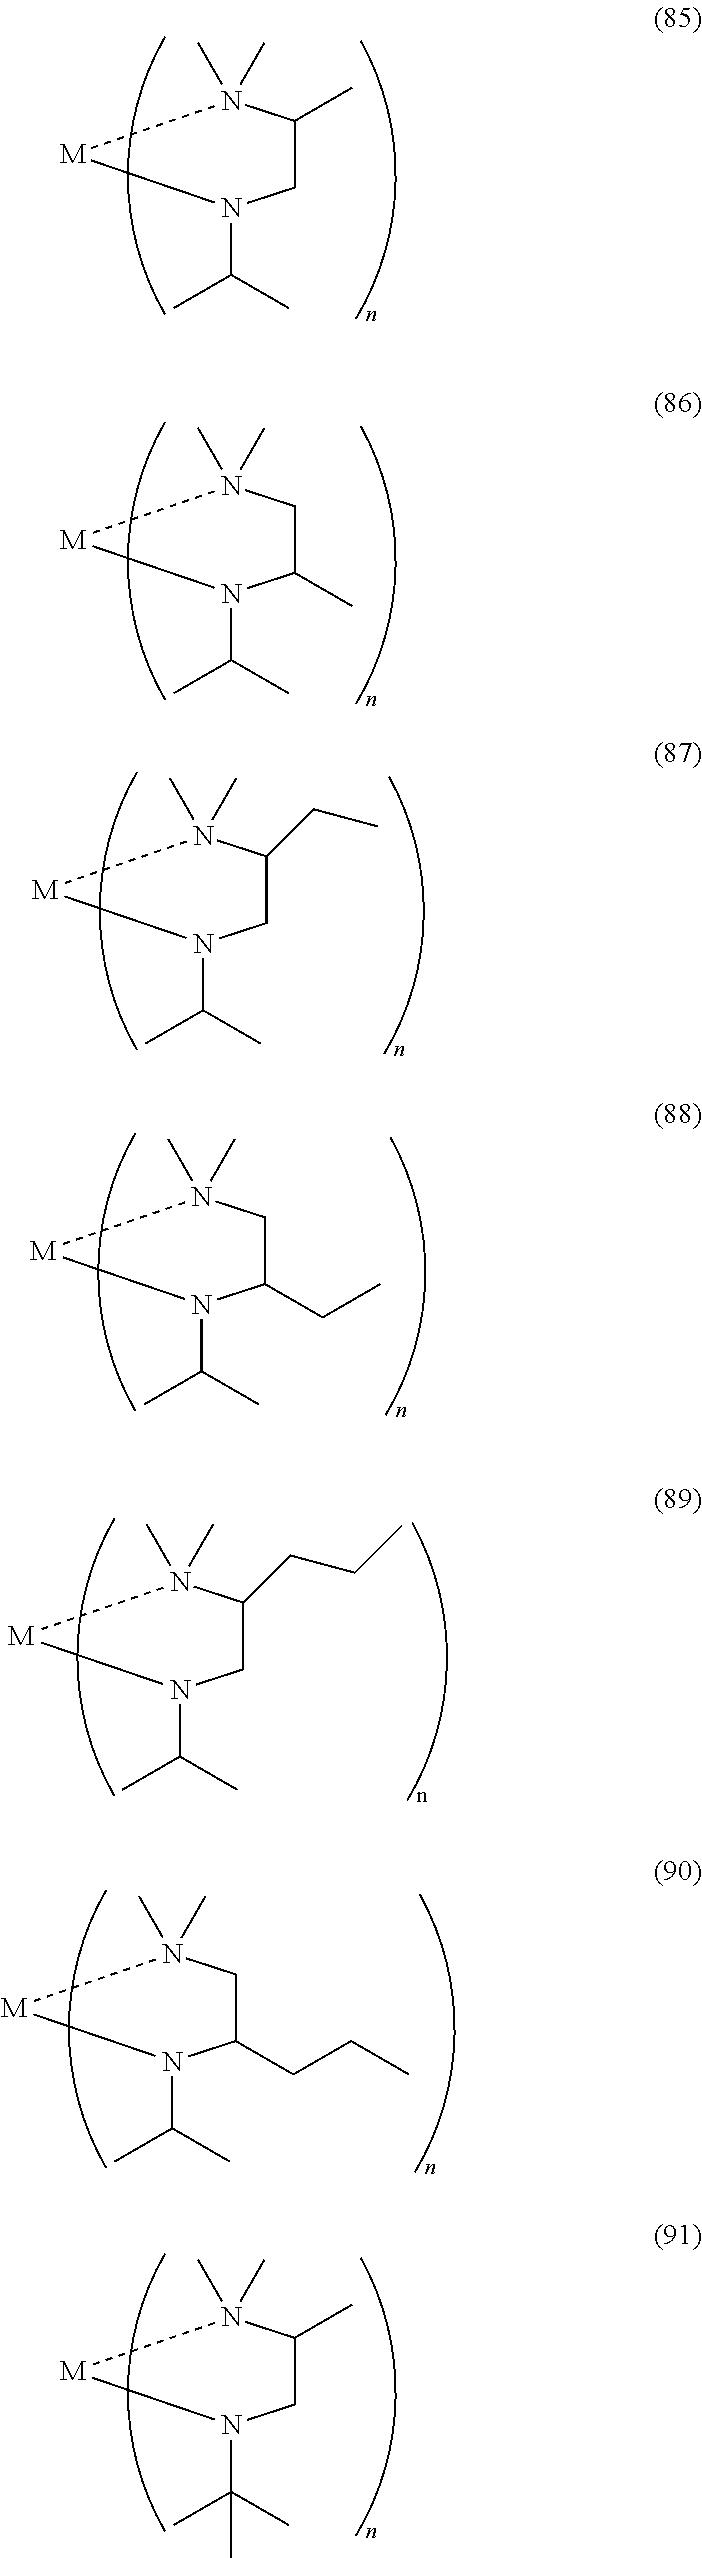 Figure US08871304-20141028-C00026